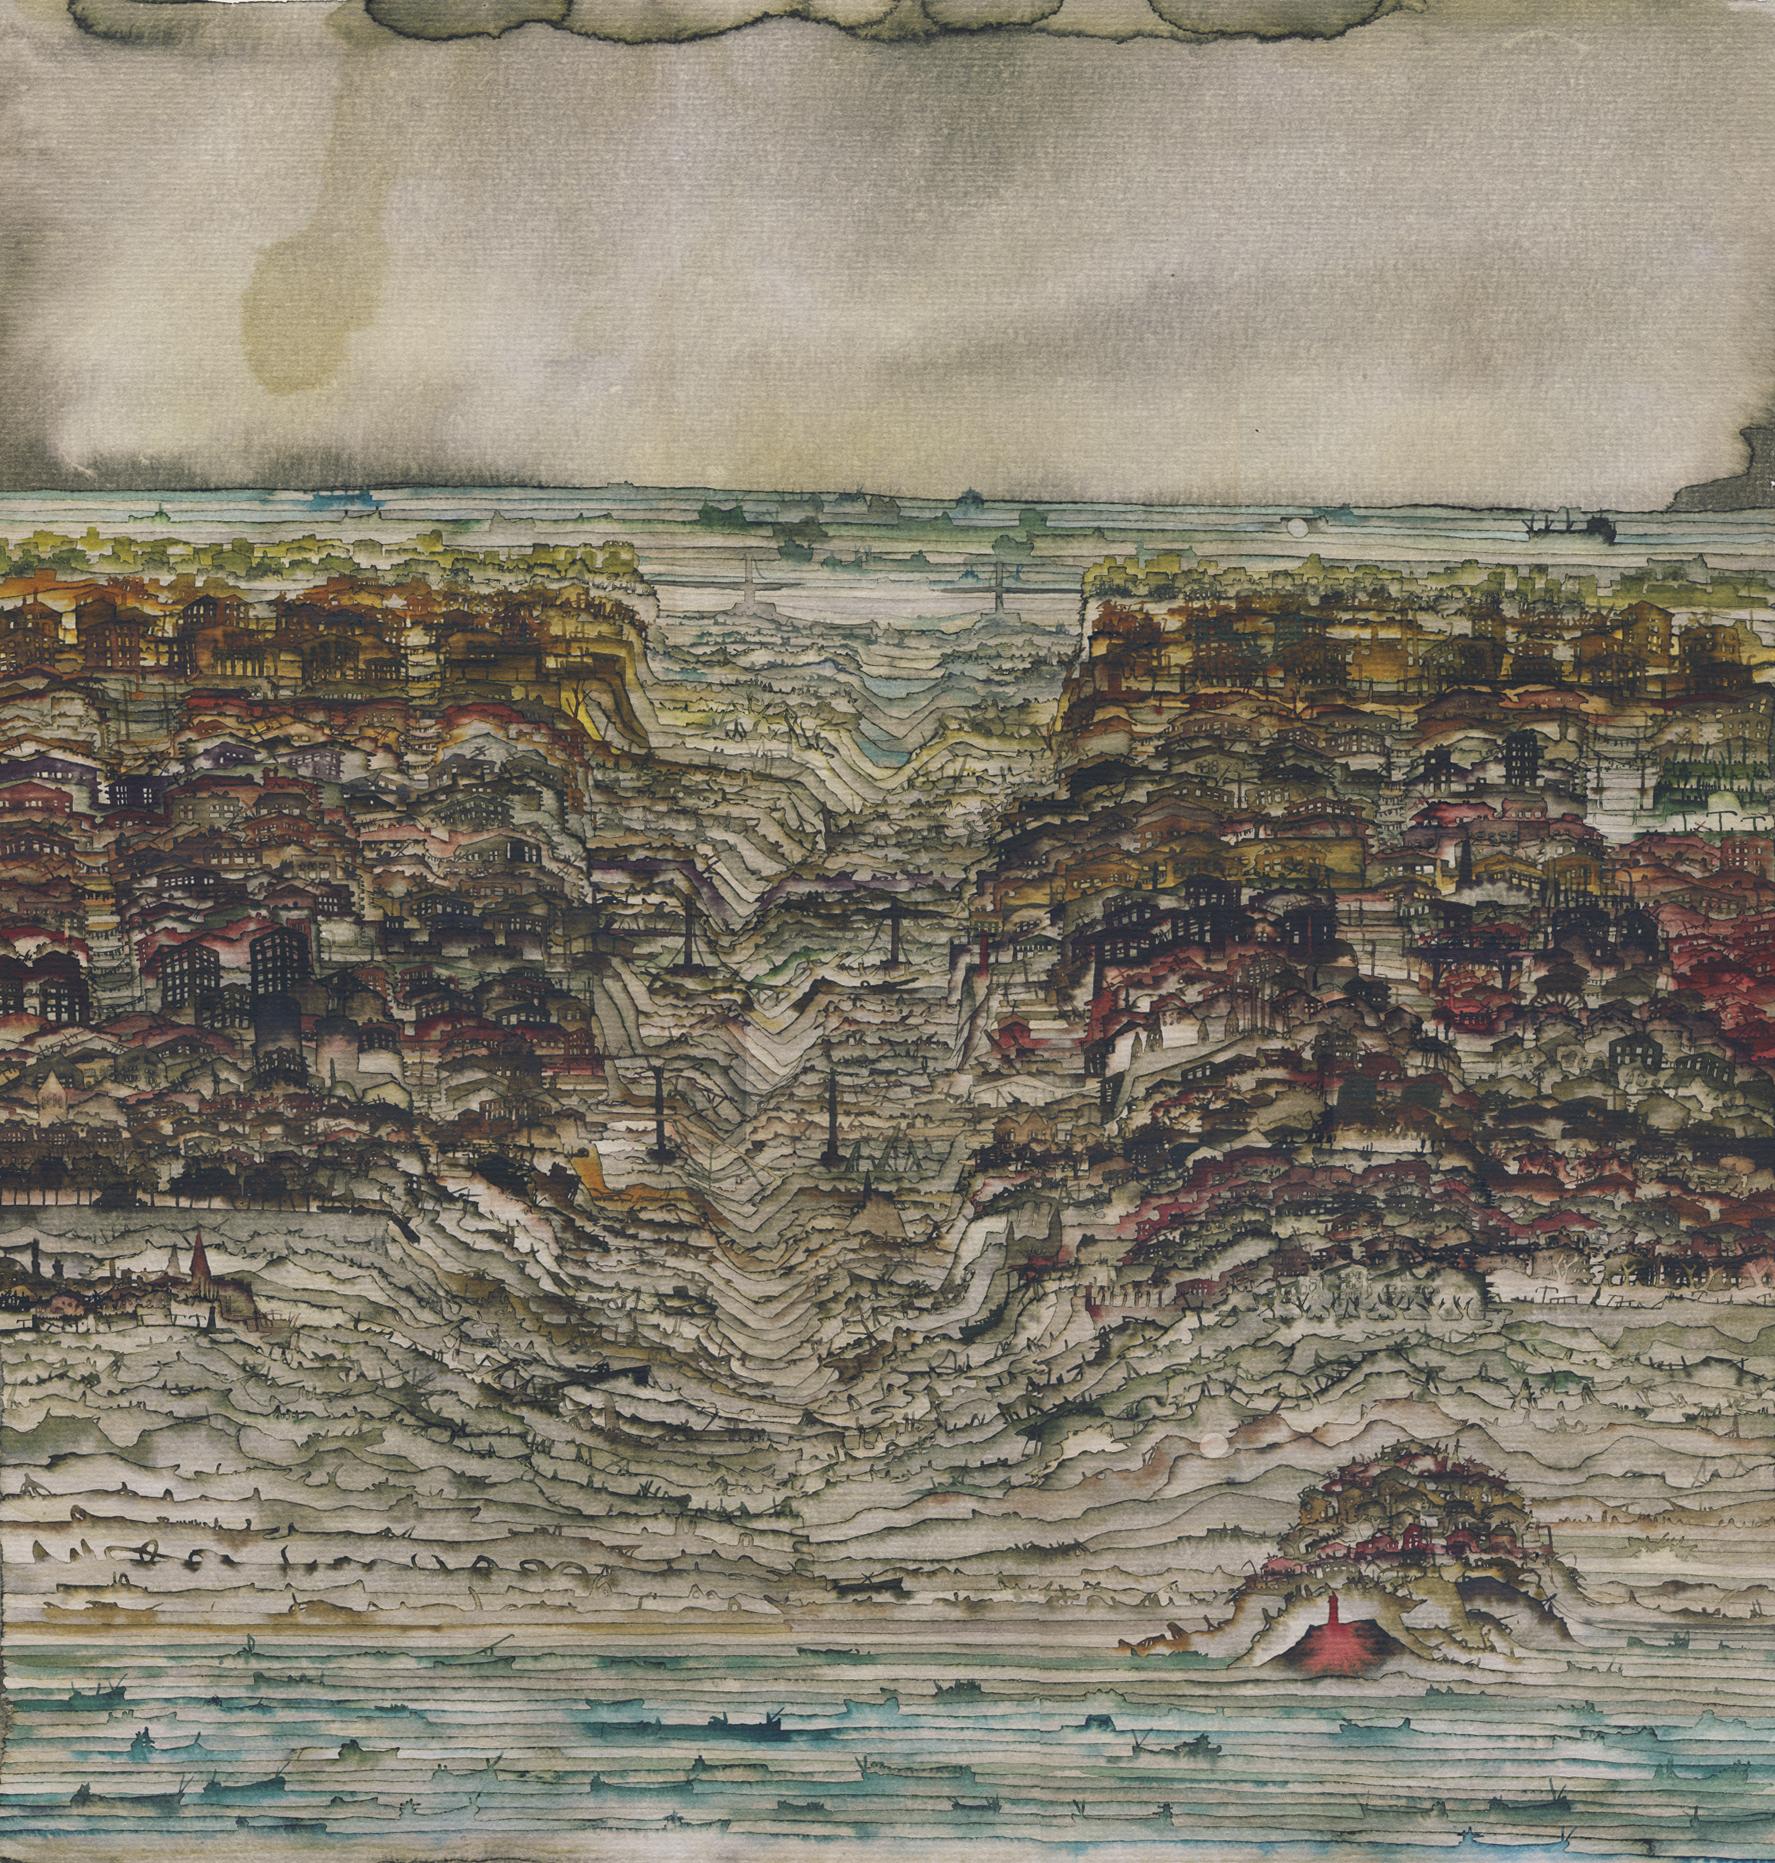 Insan Dogasi II by saksagan